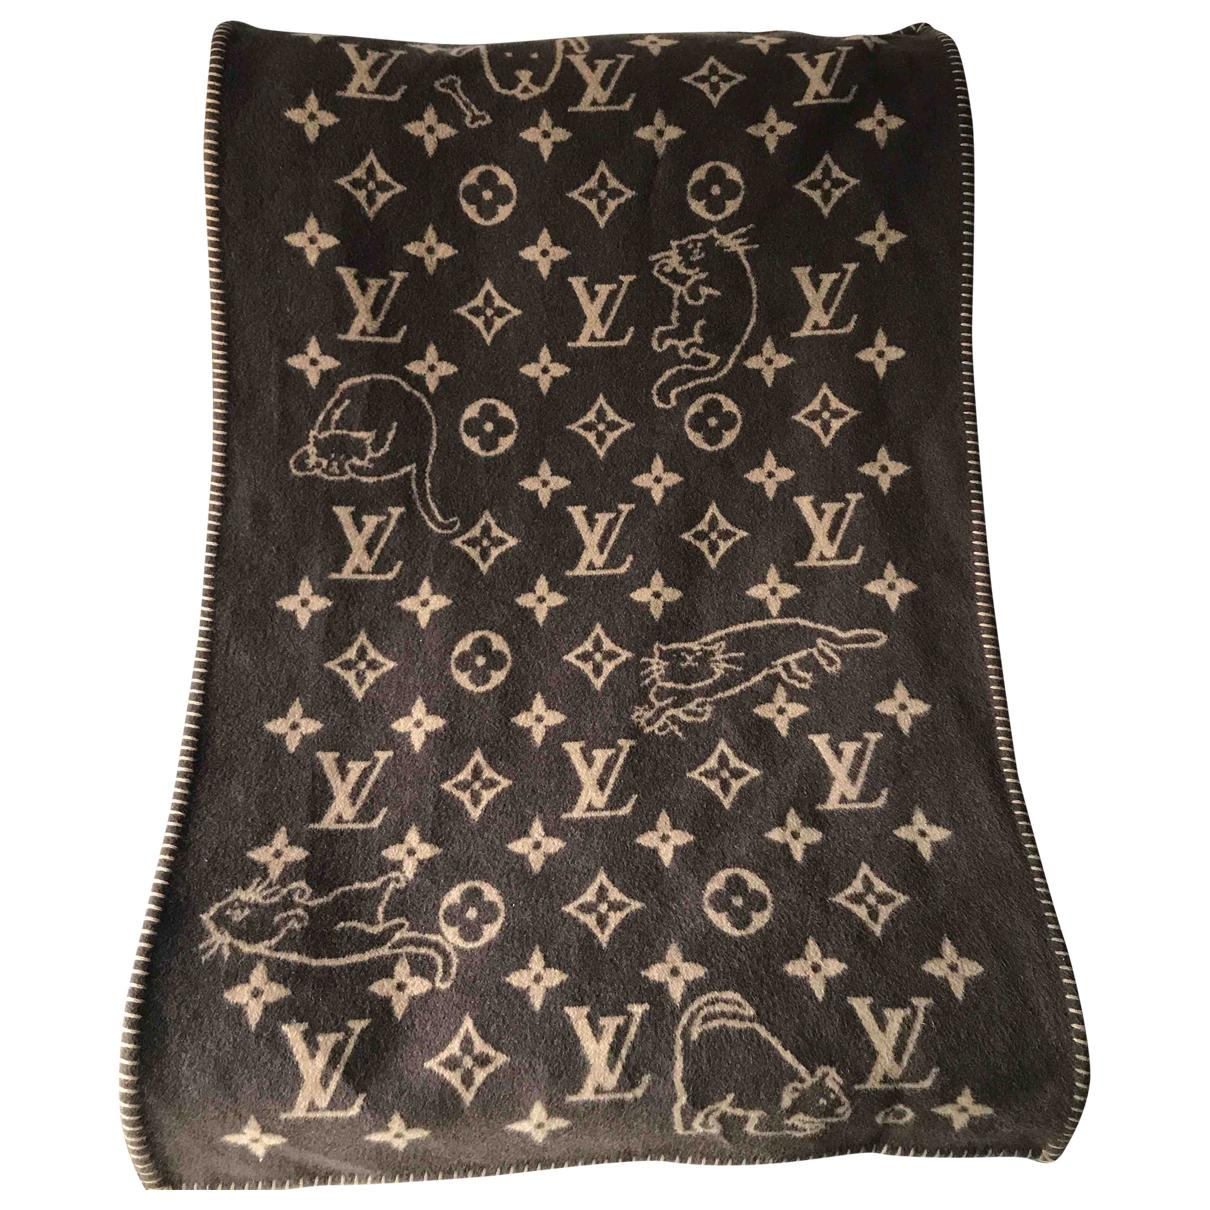 Louis Vuitton \N Heimtextilien in  Braun Kaschmir